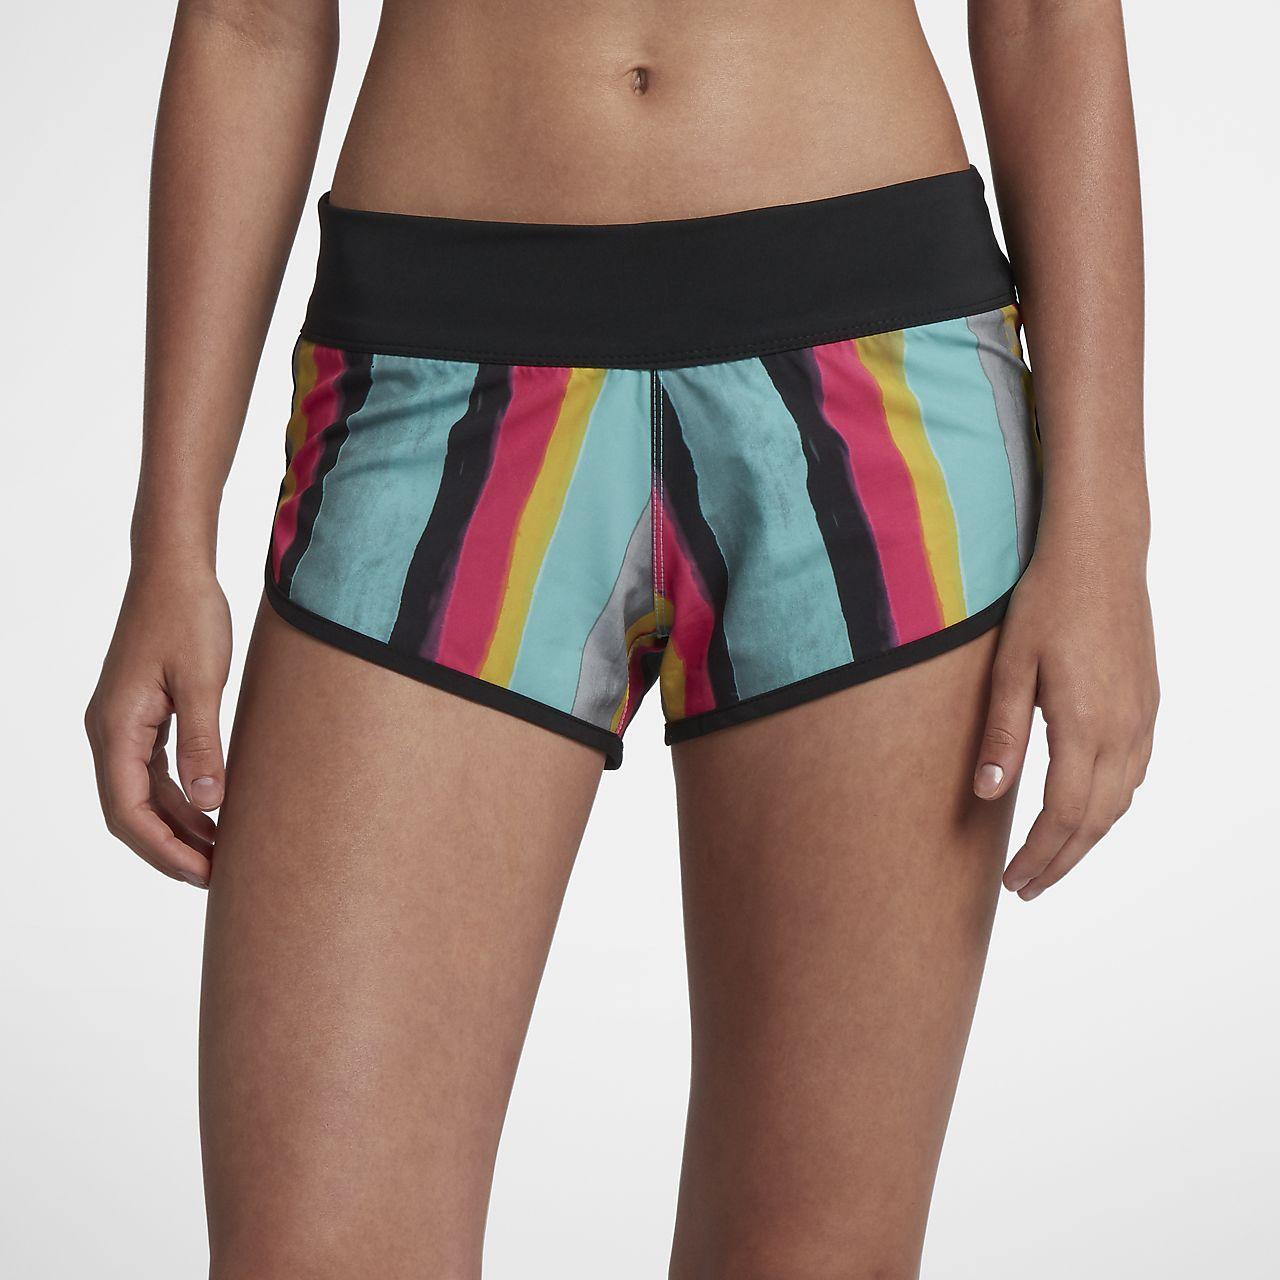 Calções de banho Hurley Phantom Resin Beachrider para mulher. Nike ... 1dcf36c5e1c86